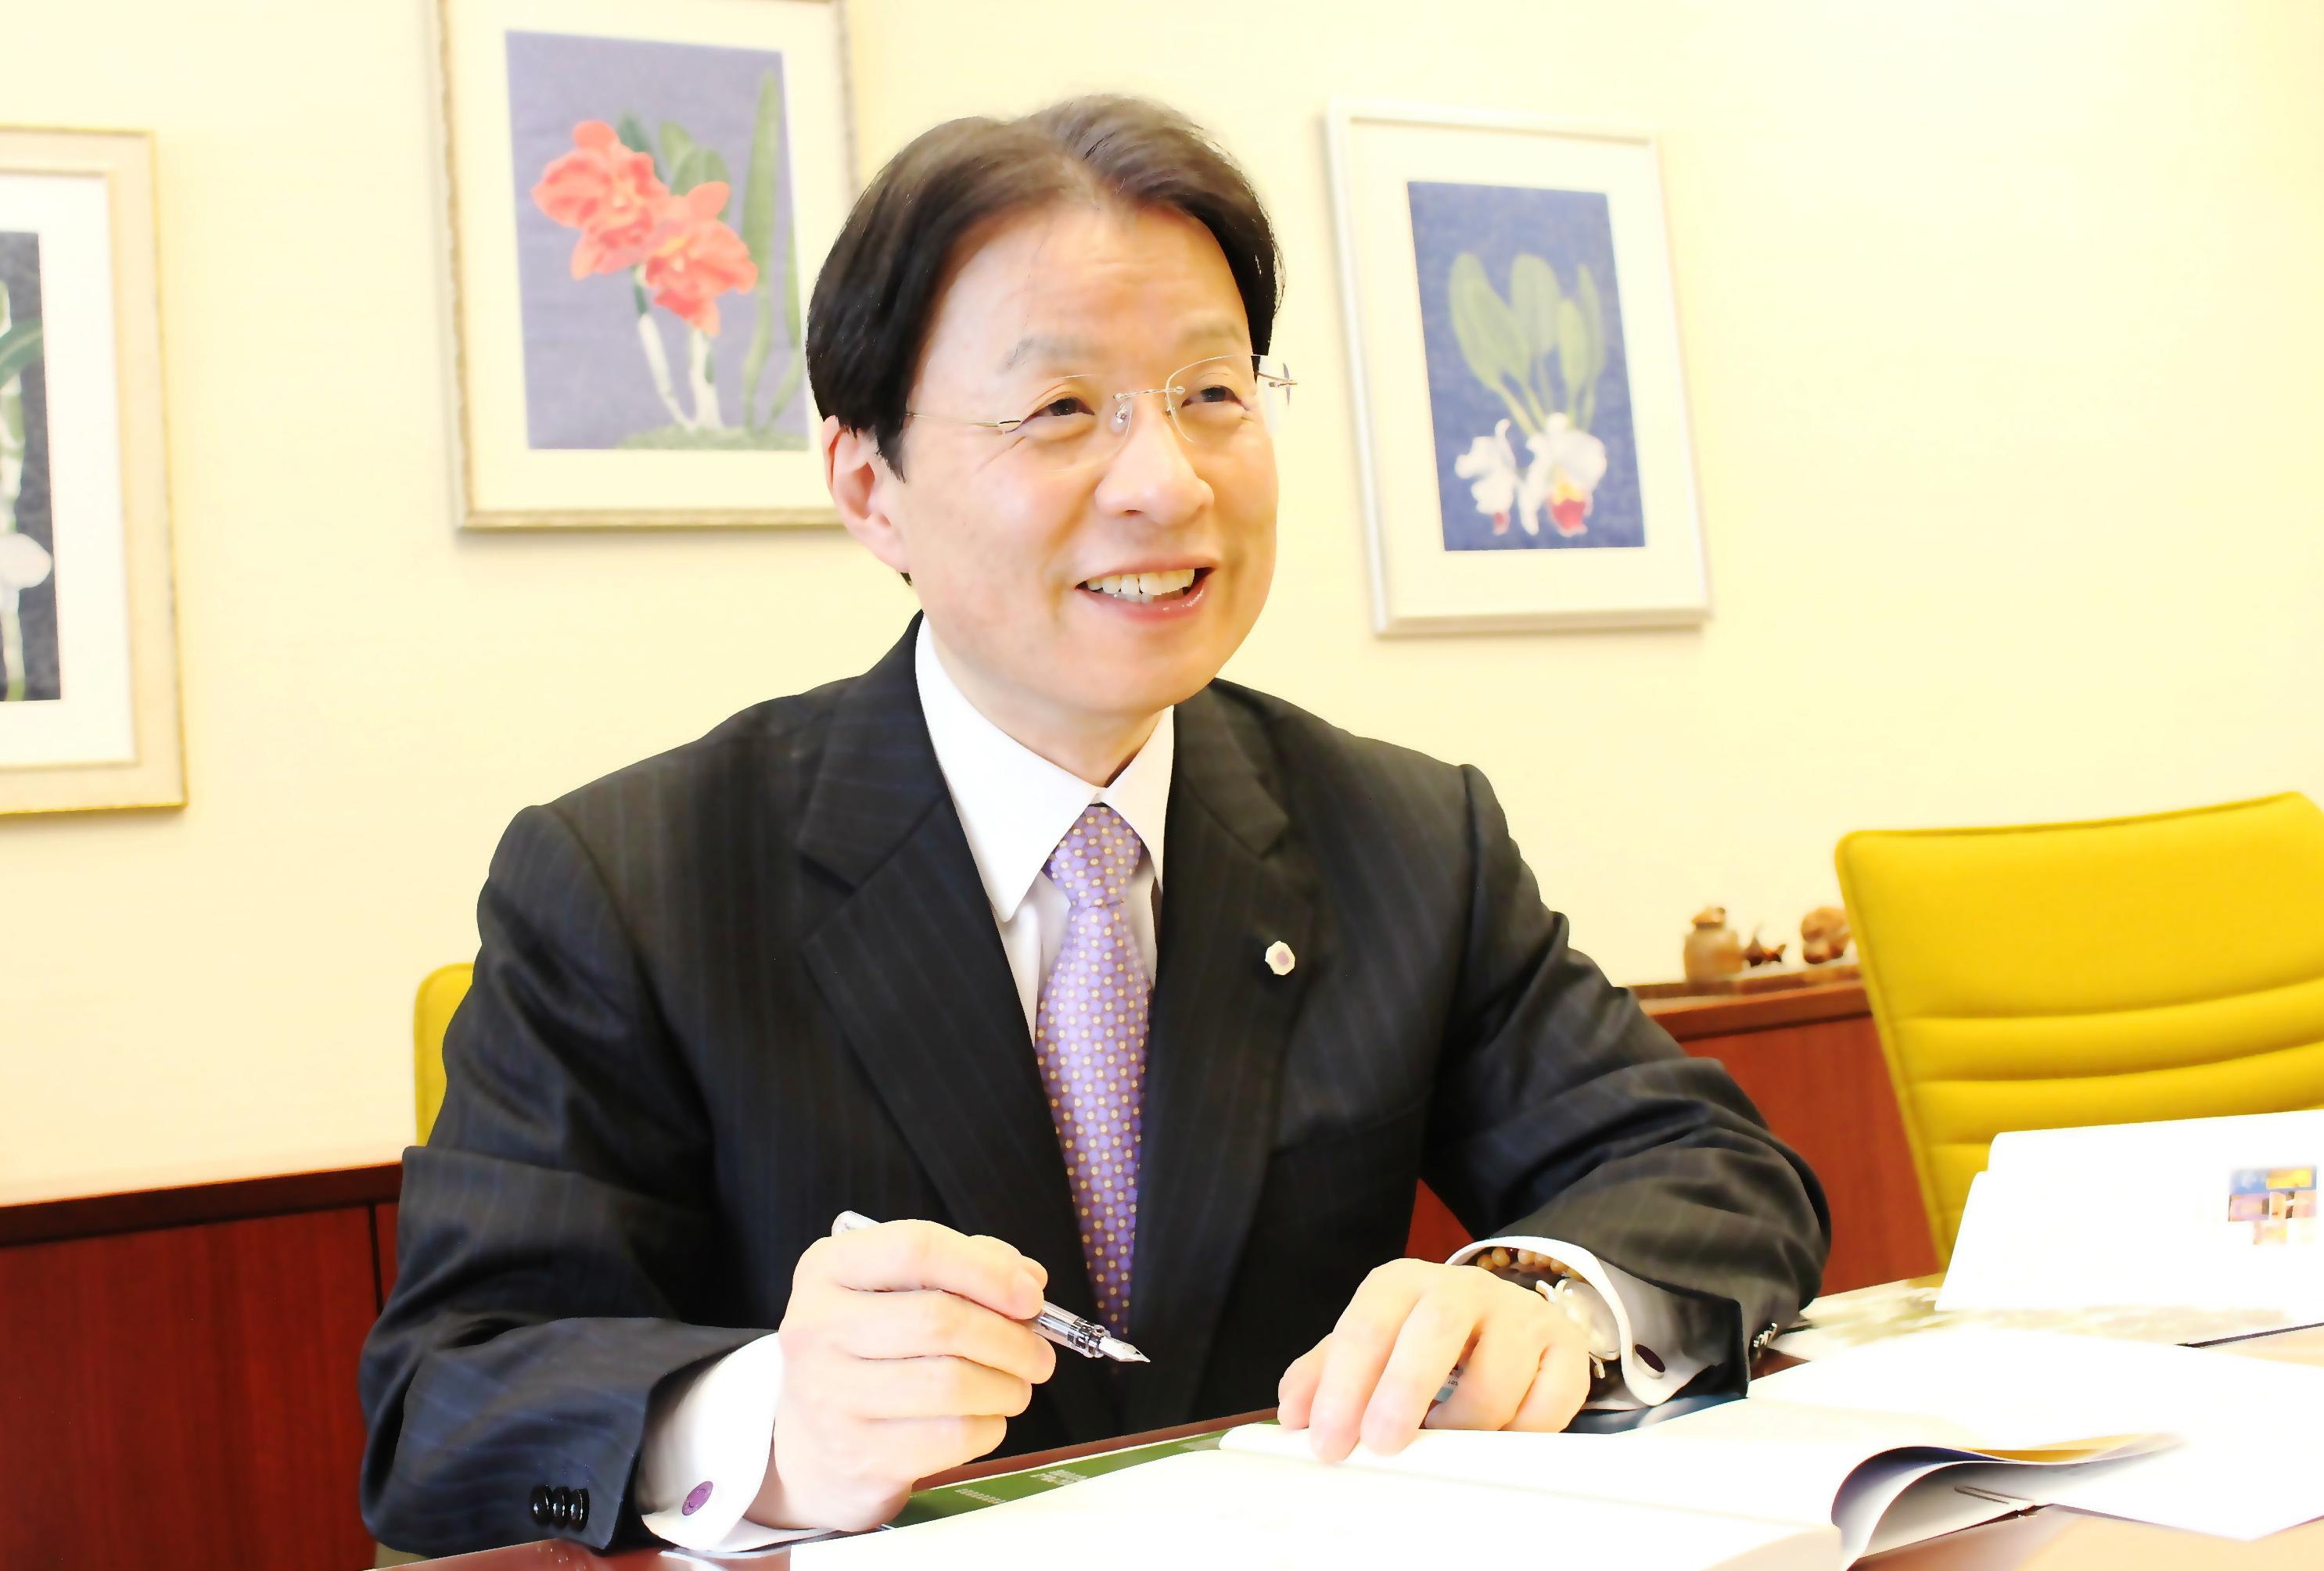 日本リハビリテーション医学教育推進機構 設立の経緯と取り組み